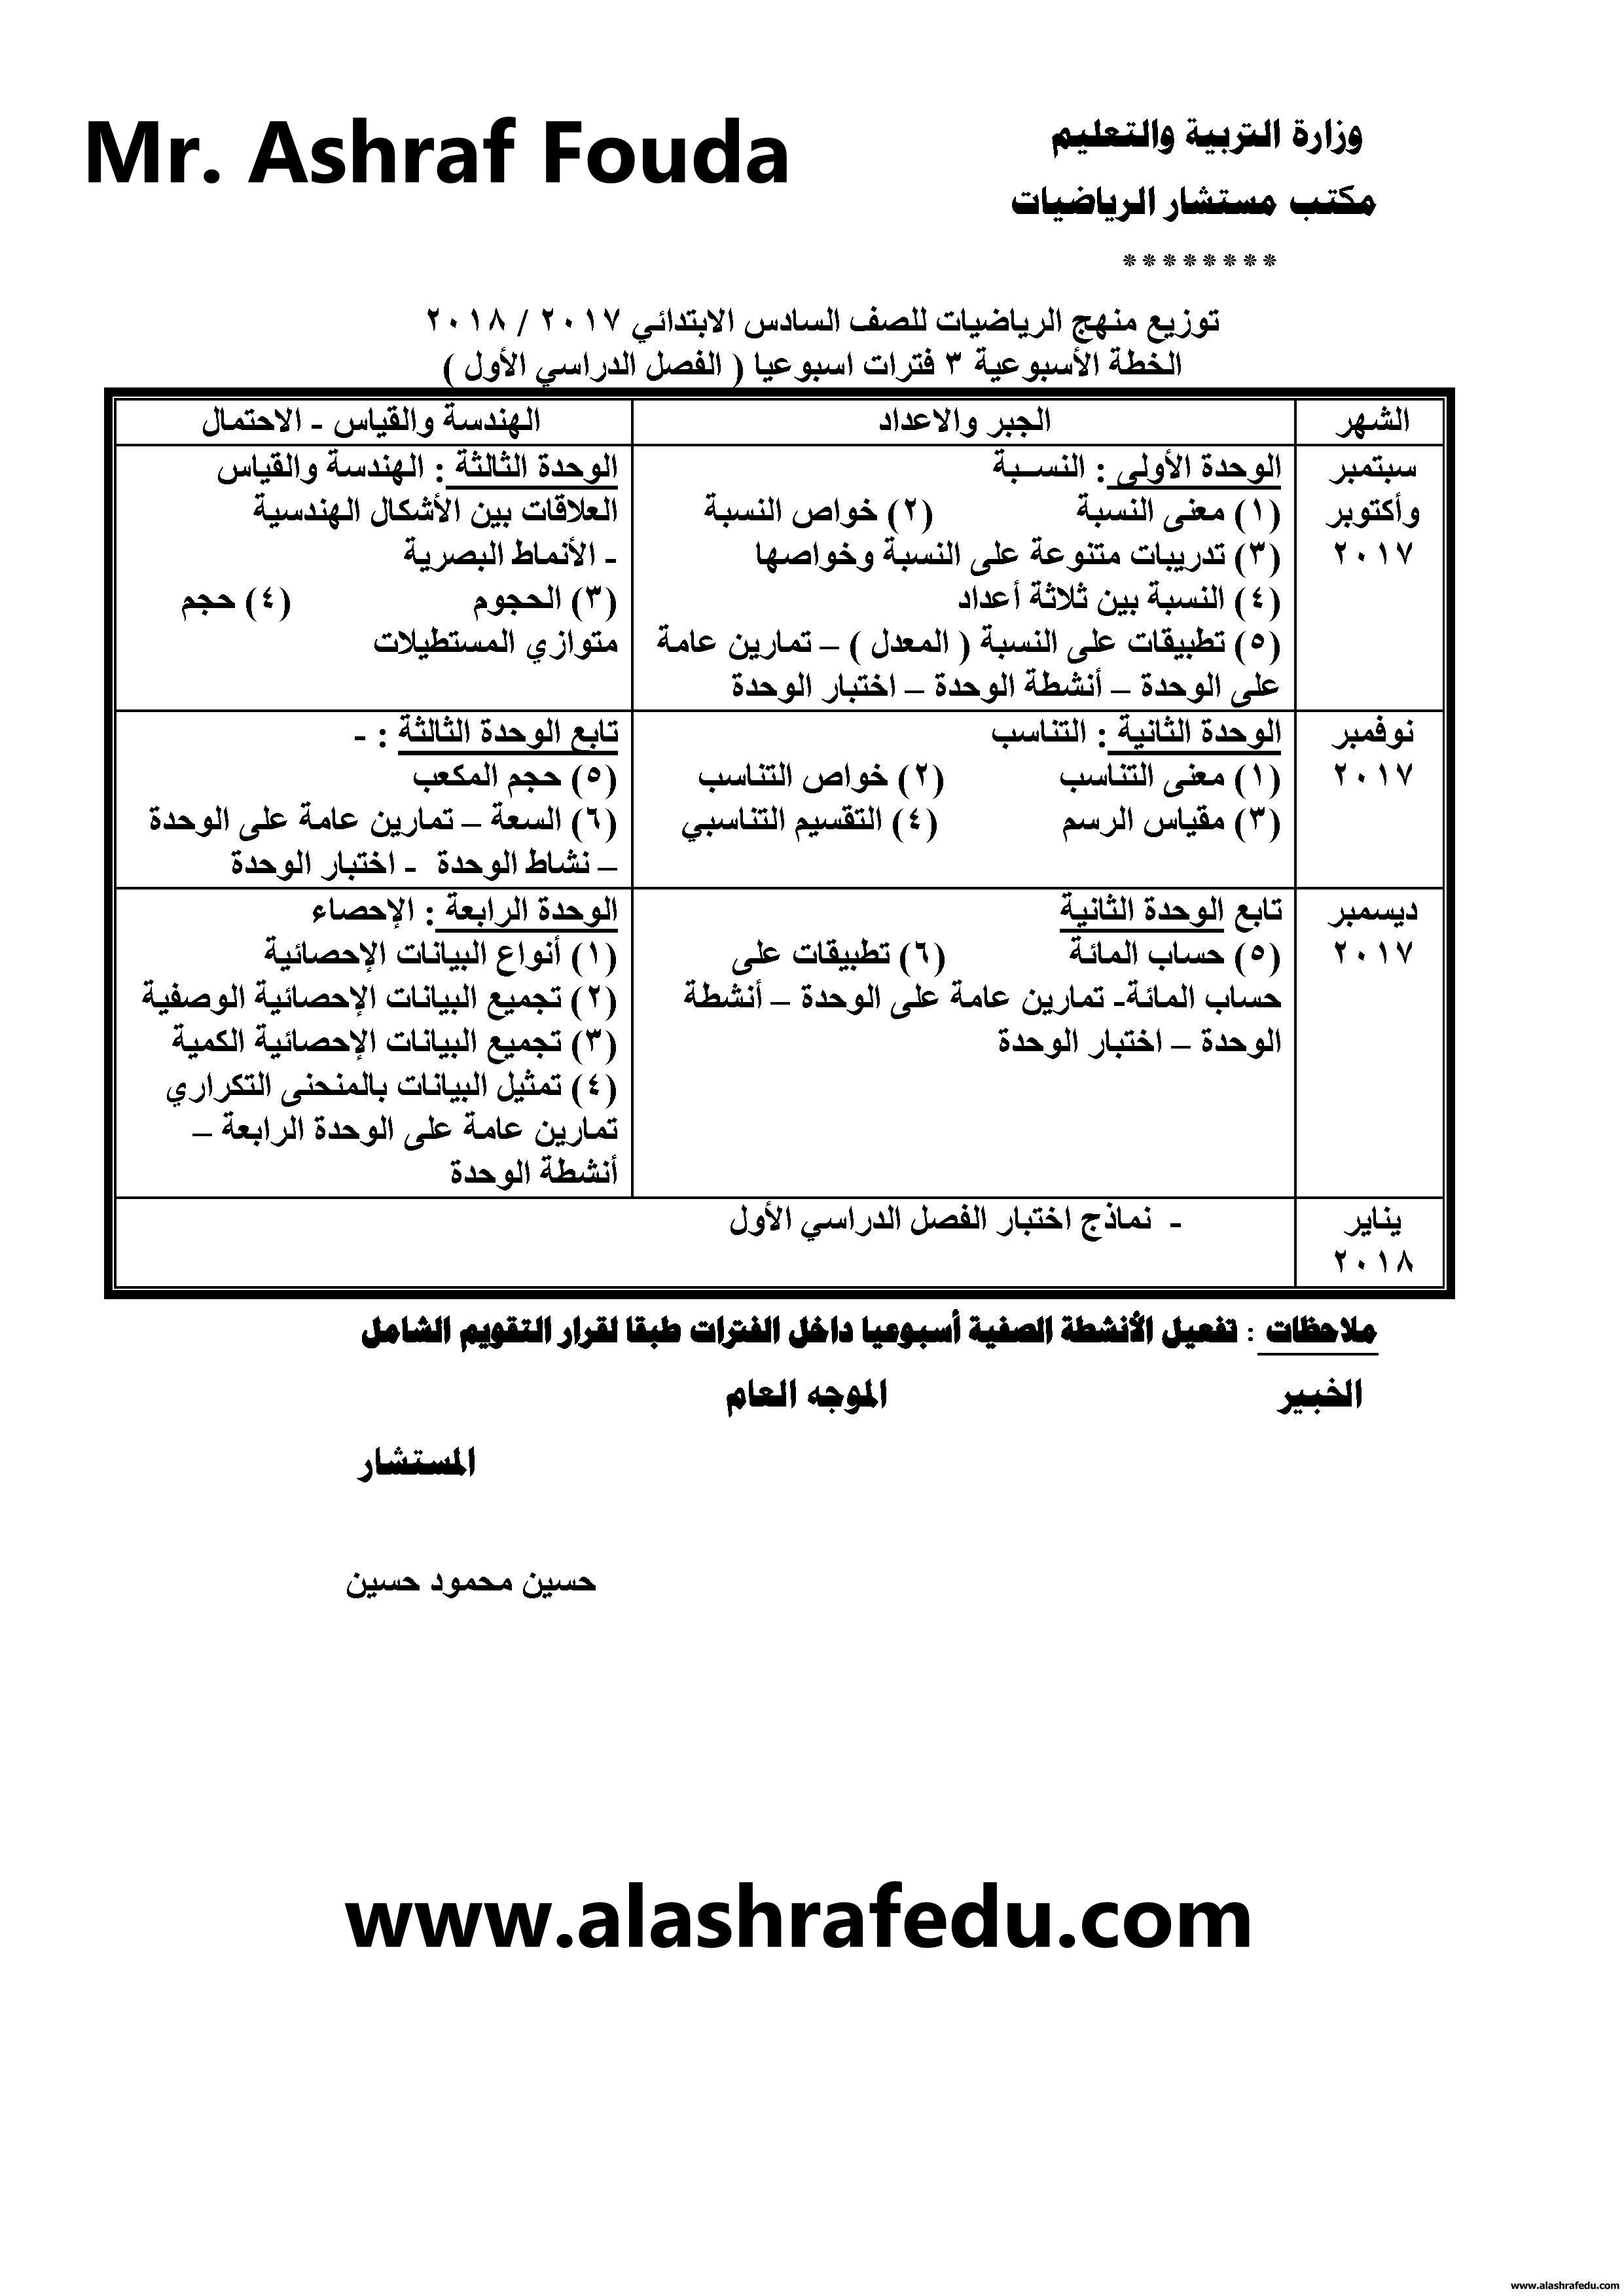 توزيع منهج الرياضيات 2018 السادس الإبتدائى الترم www.alashrafedu.com1